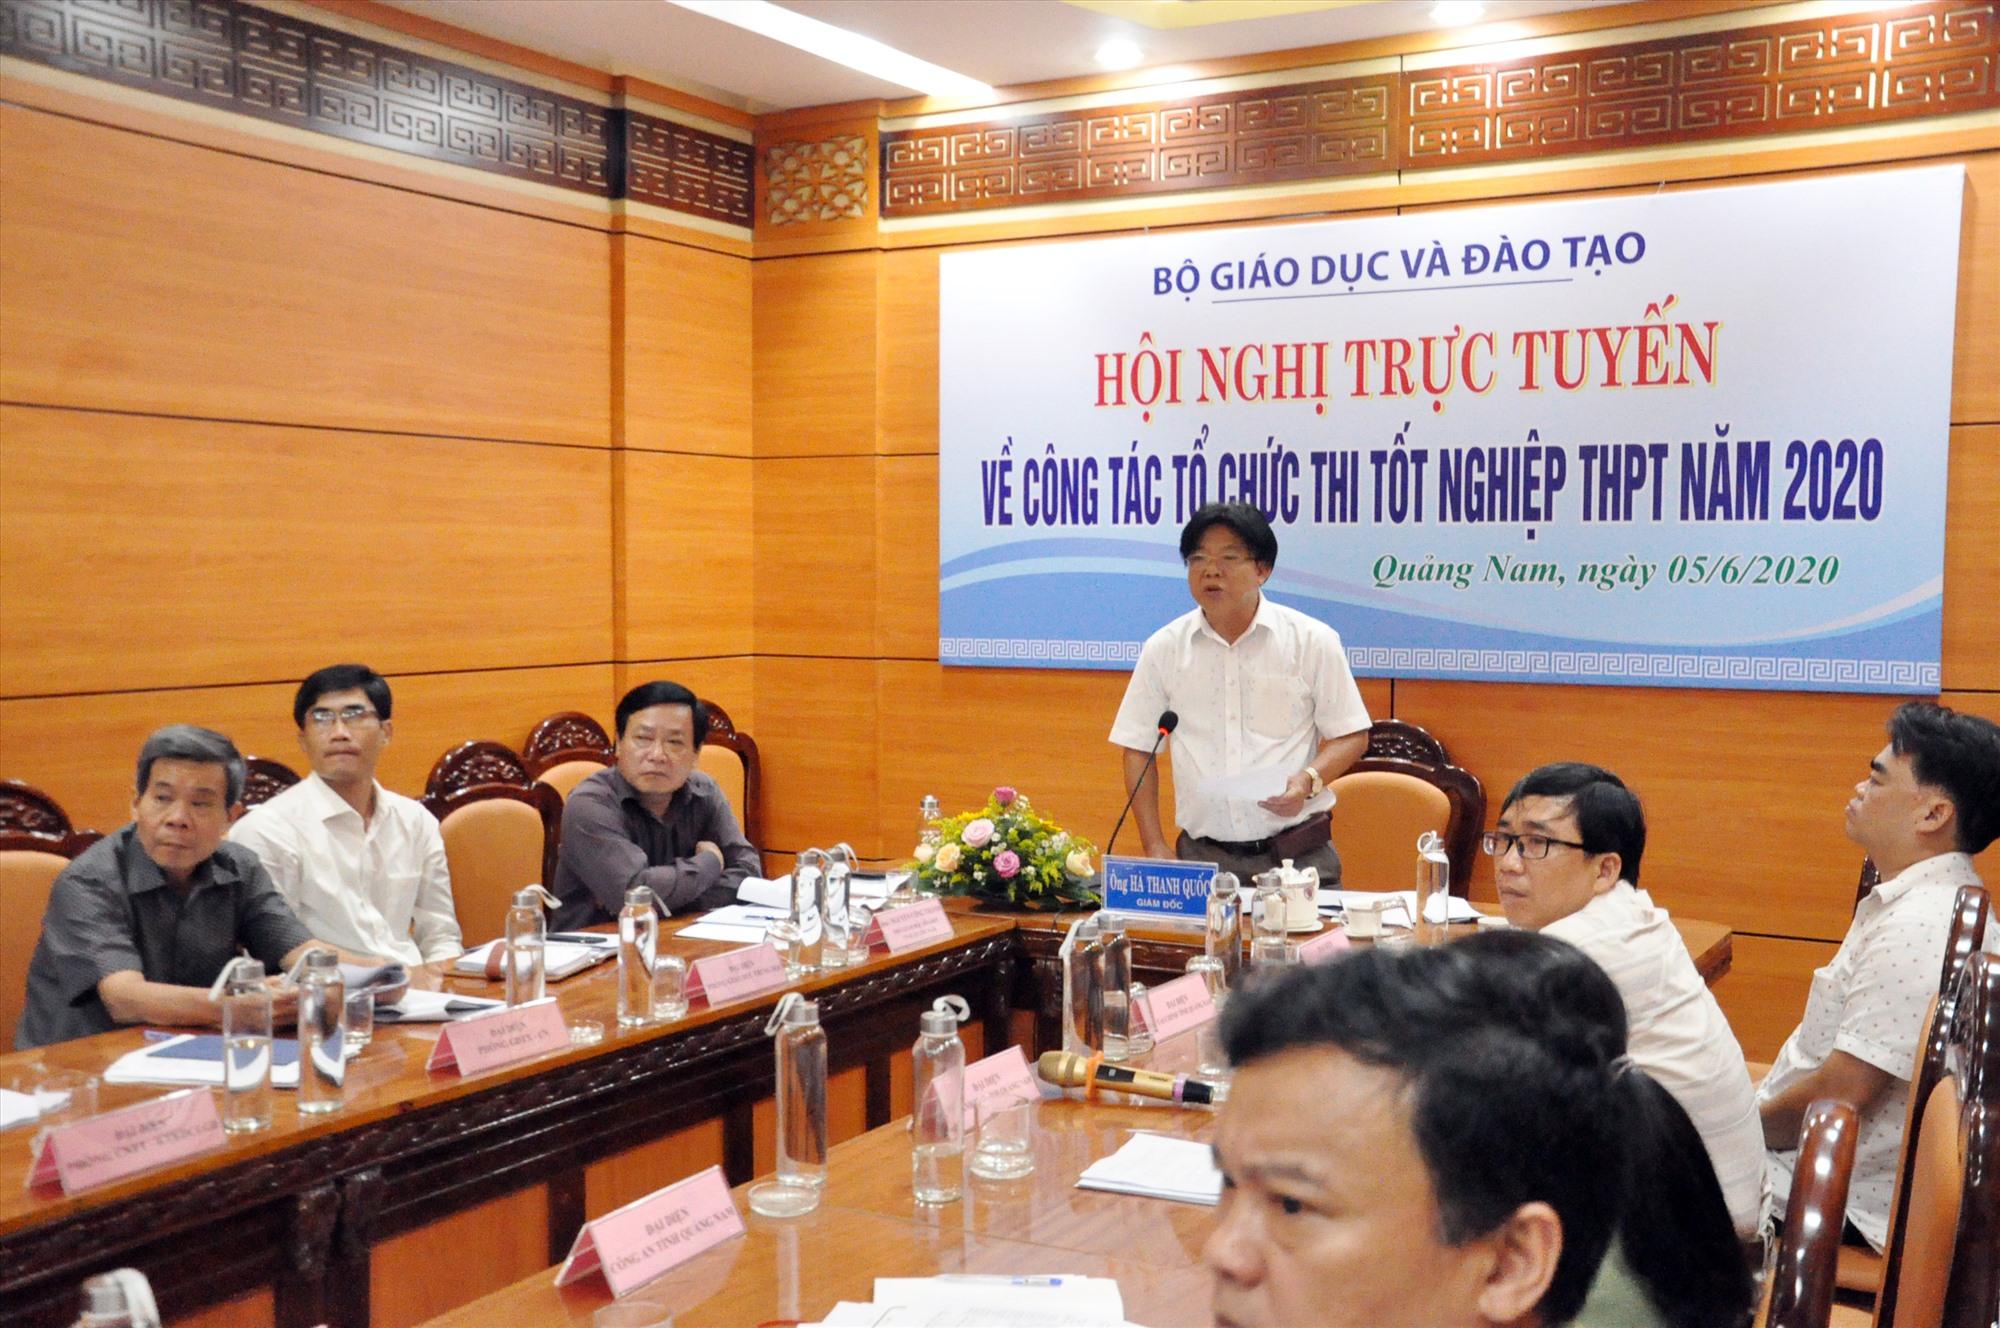 Ông Hà Thanh Quốc - Giám đốc Sở GD-ĐT phát biểu tại hội nghị trực tuyến do Bộ GD-ĐT tổ chức. Ảnh: X.P